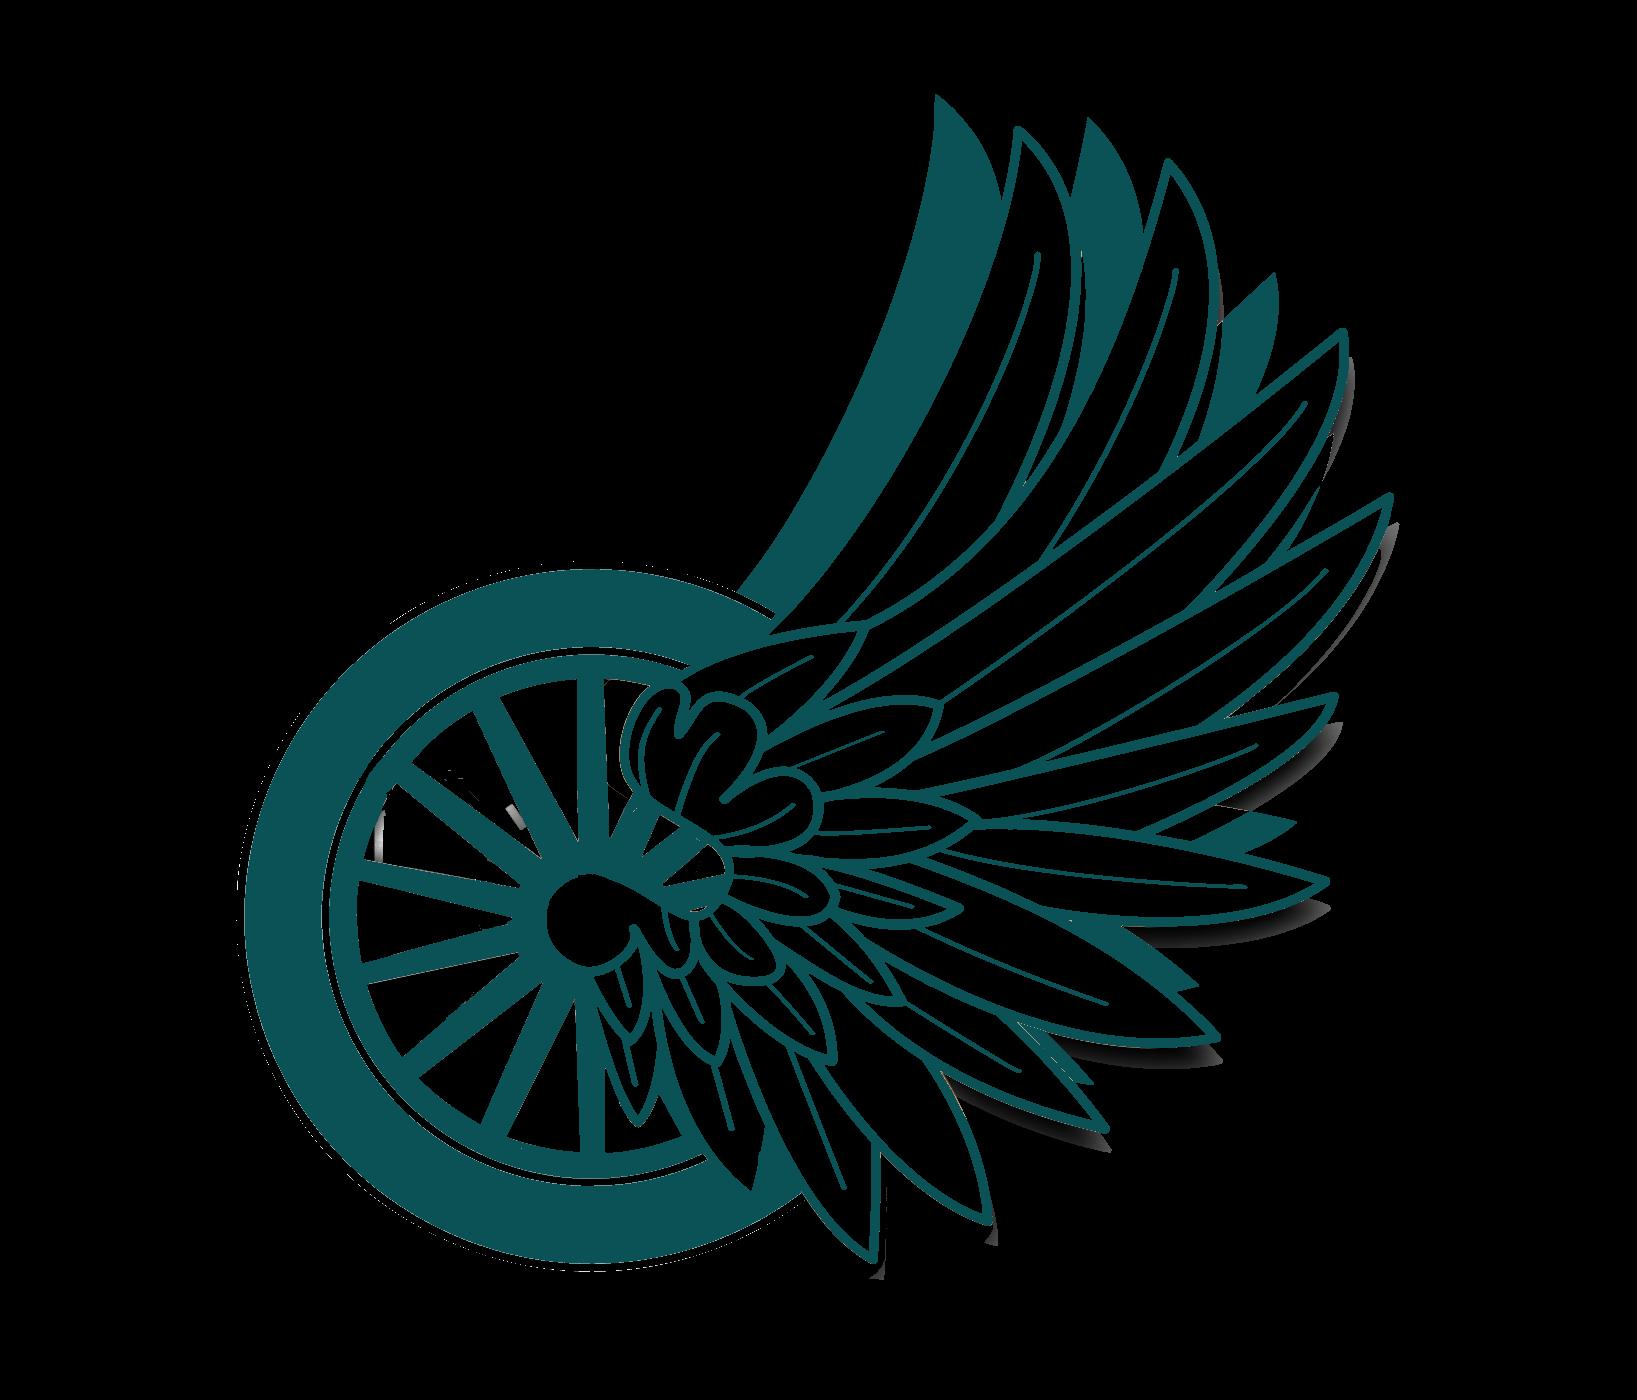 sleigh-logo-001 (3) (1)